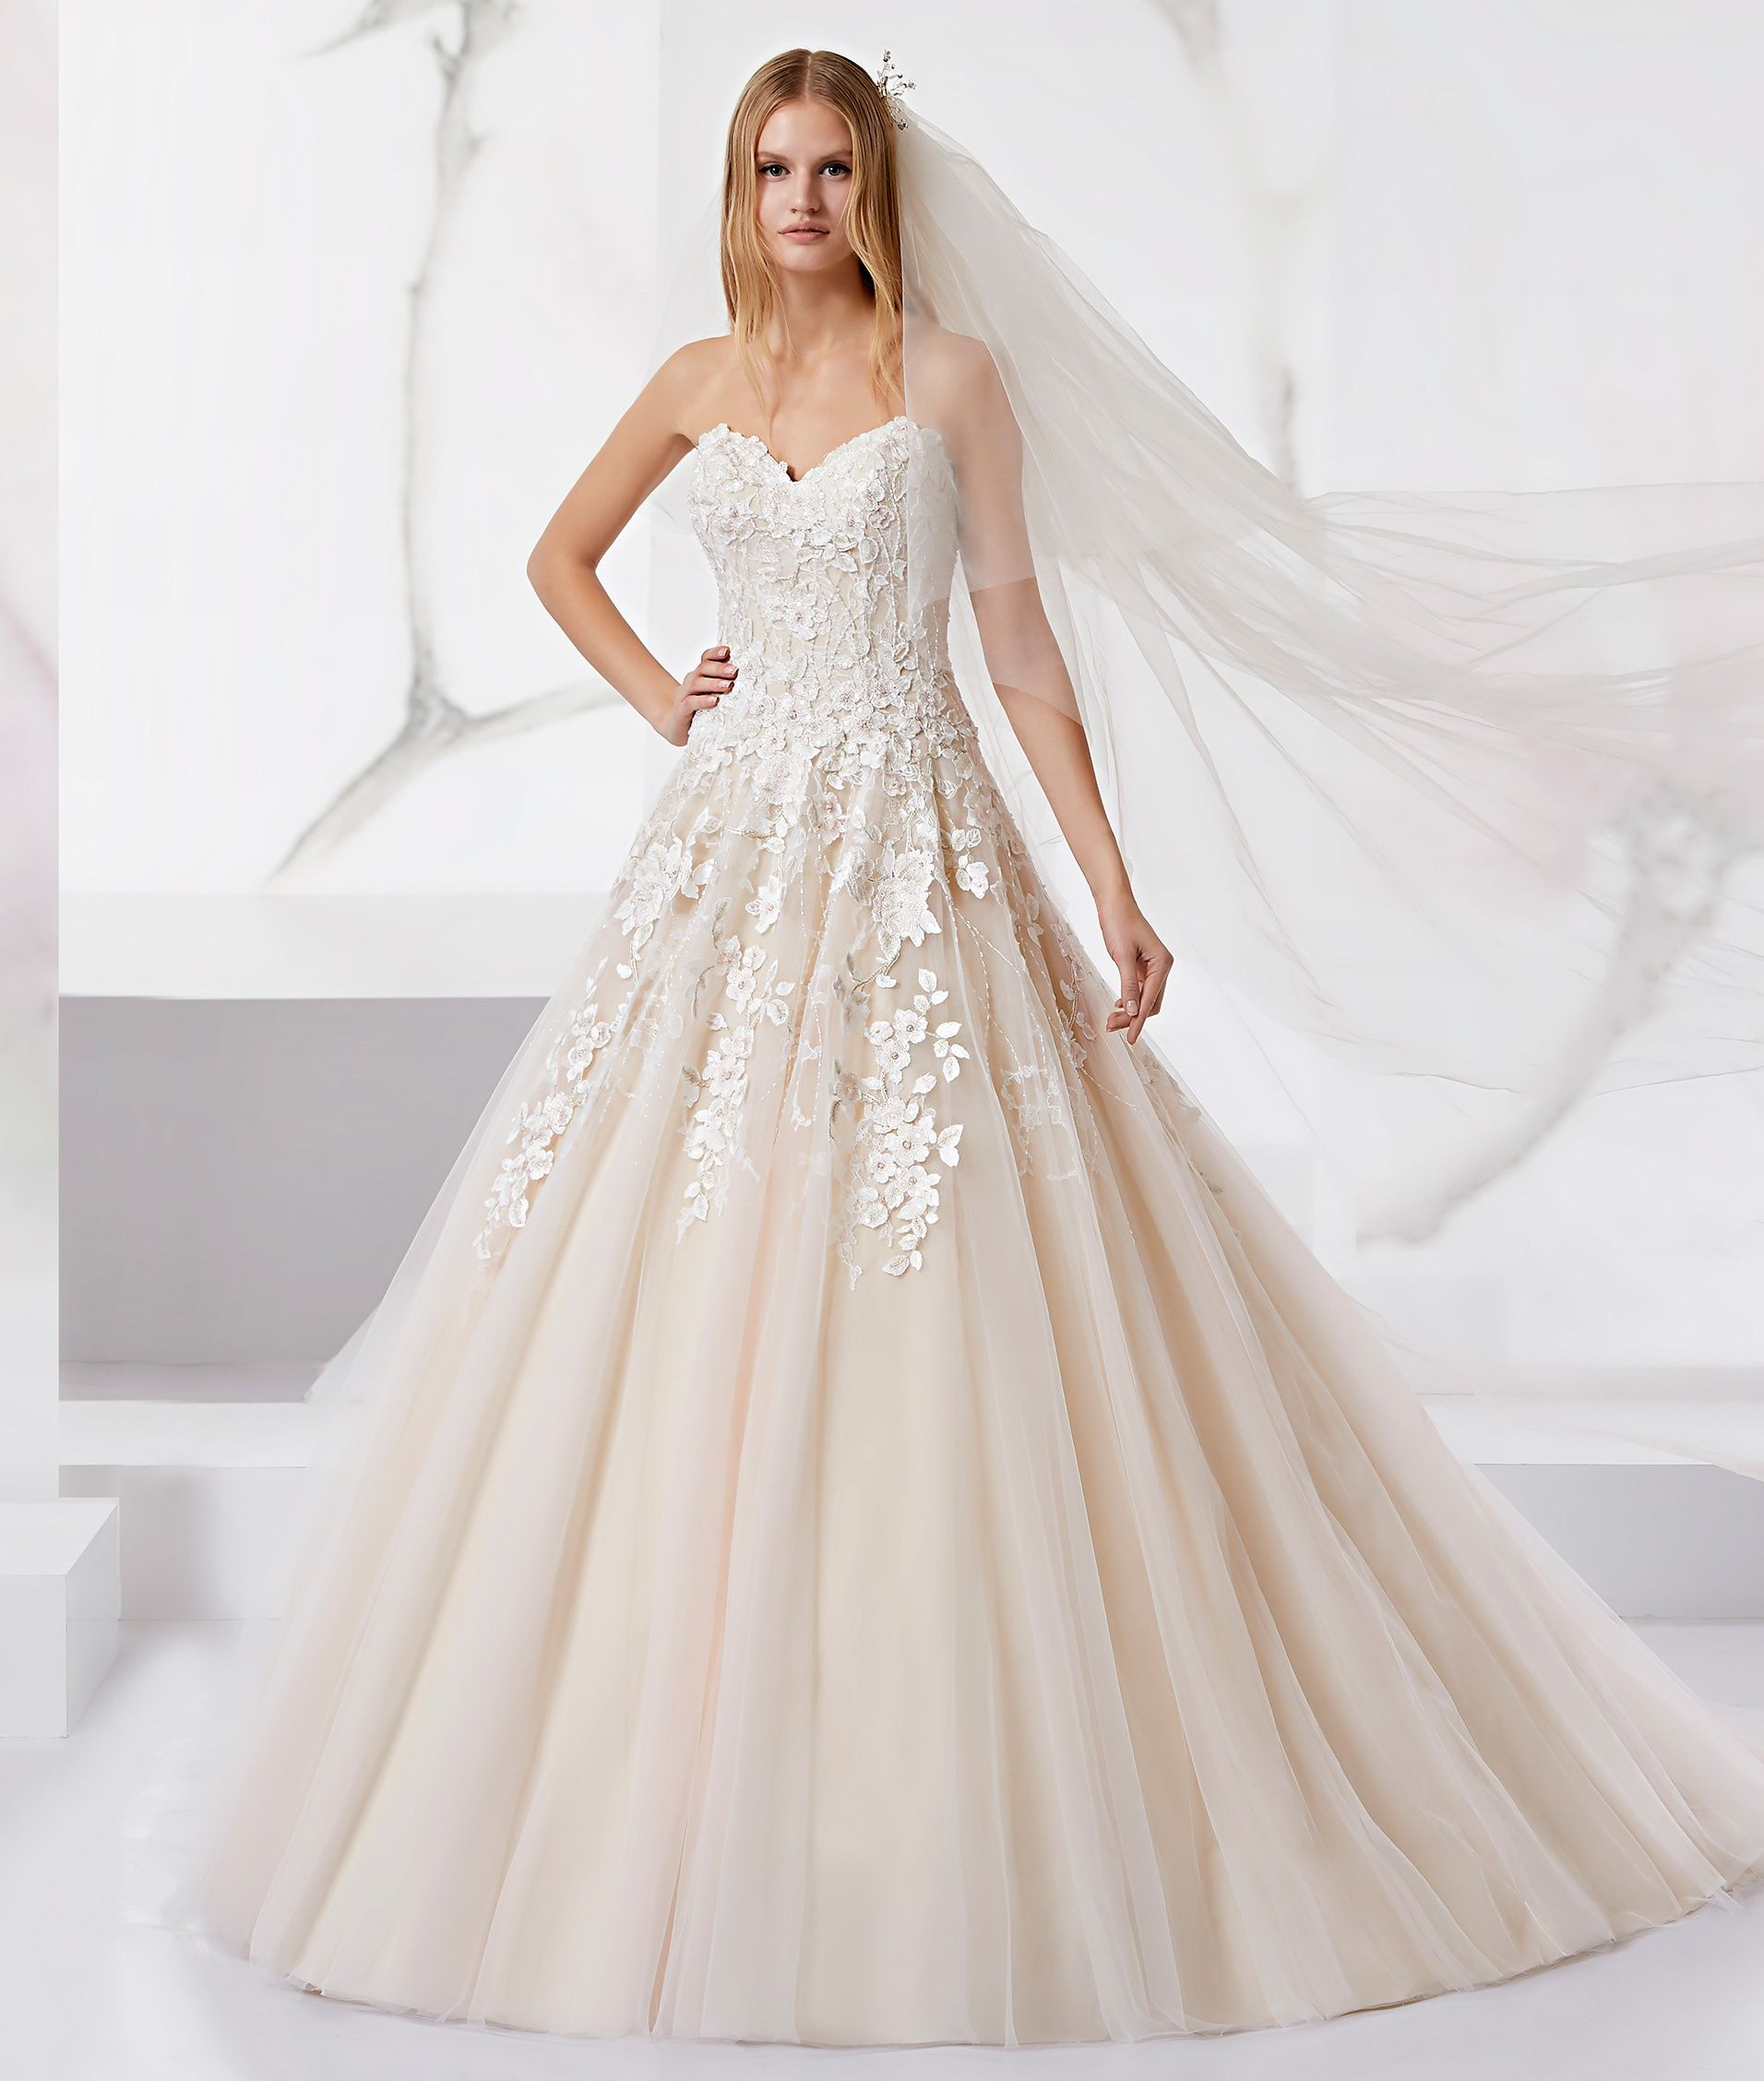 Moda sposa collezione jolies joab abito da sposa